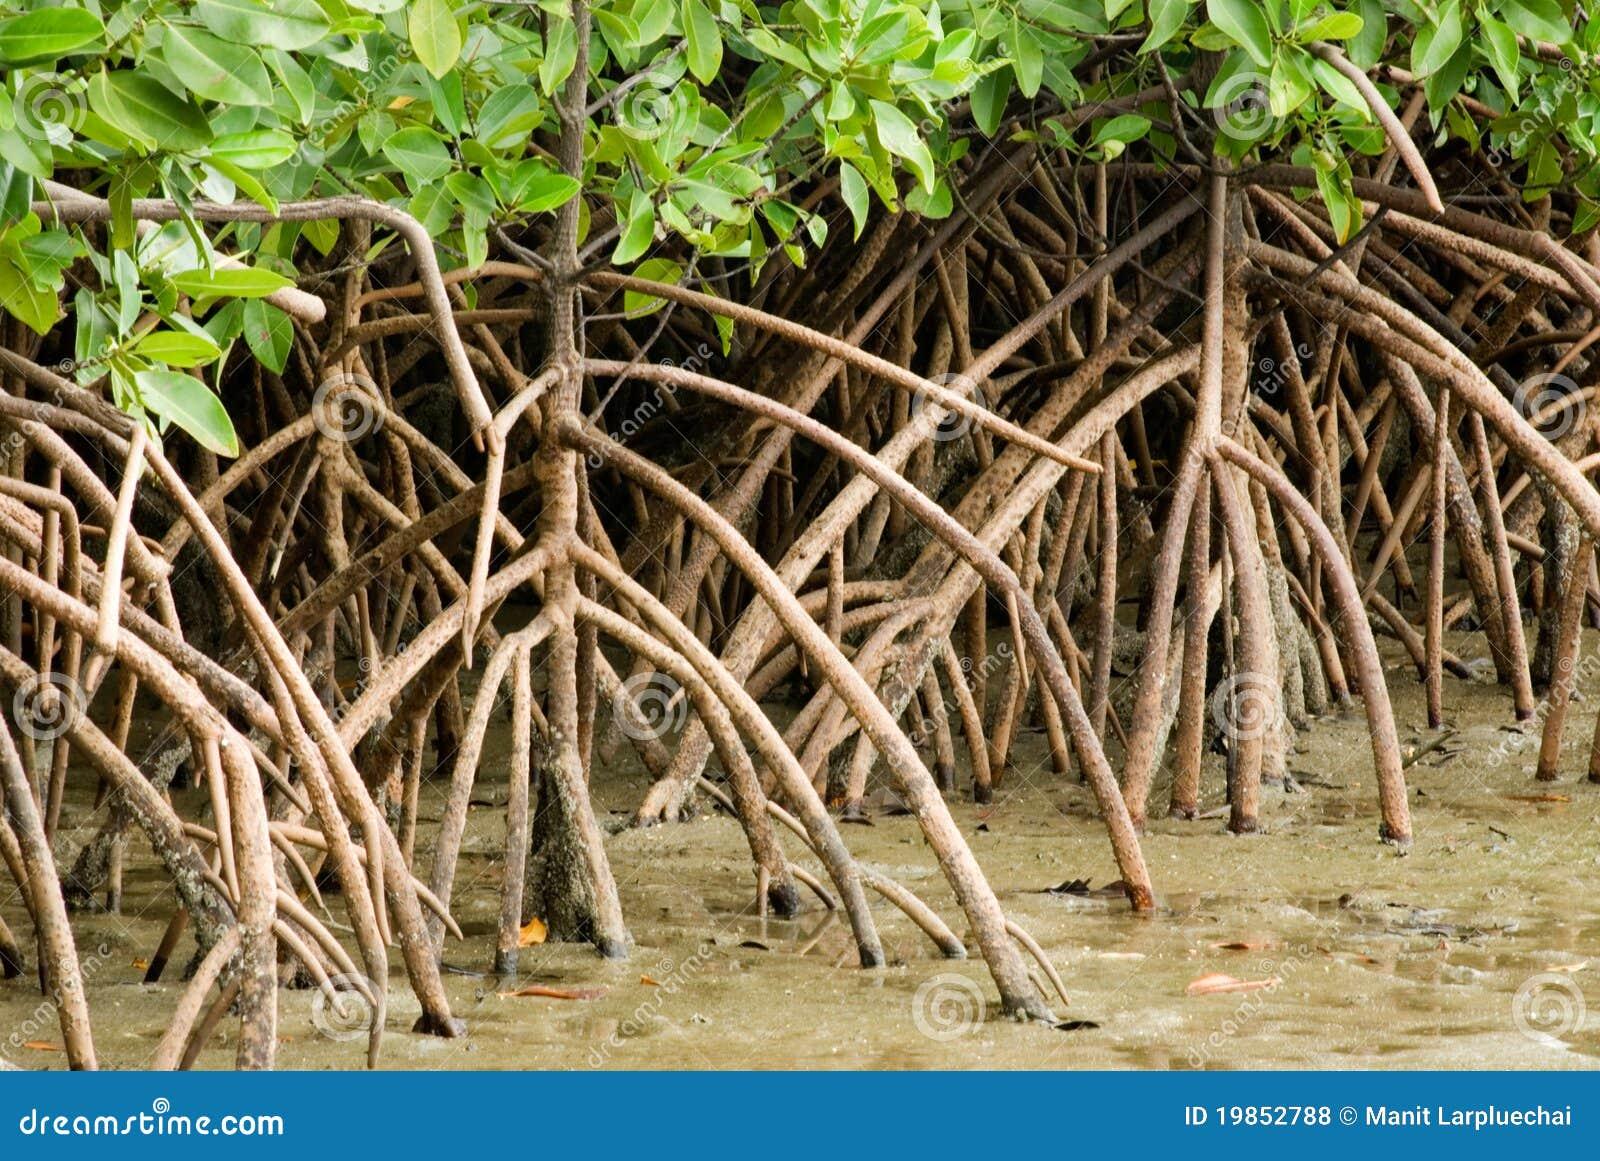 Mangrowe korzeń